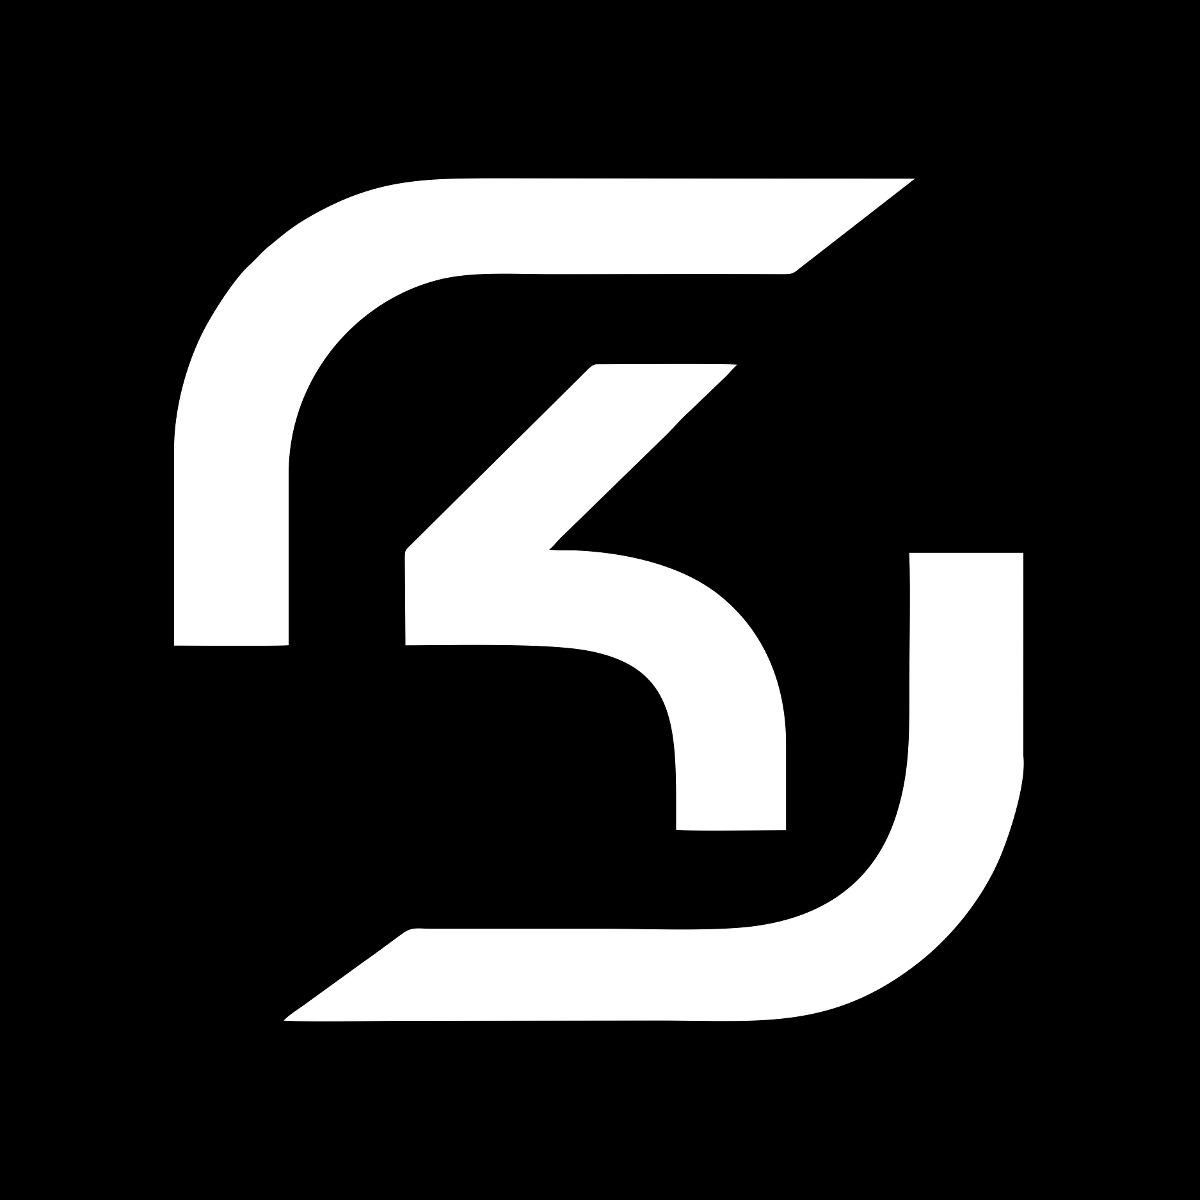 sk gaming vence a envyus e est225 nas quartas de finais do